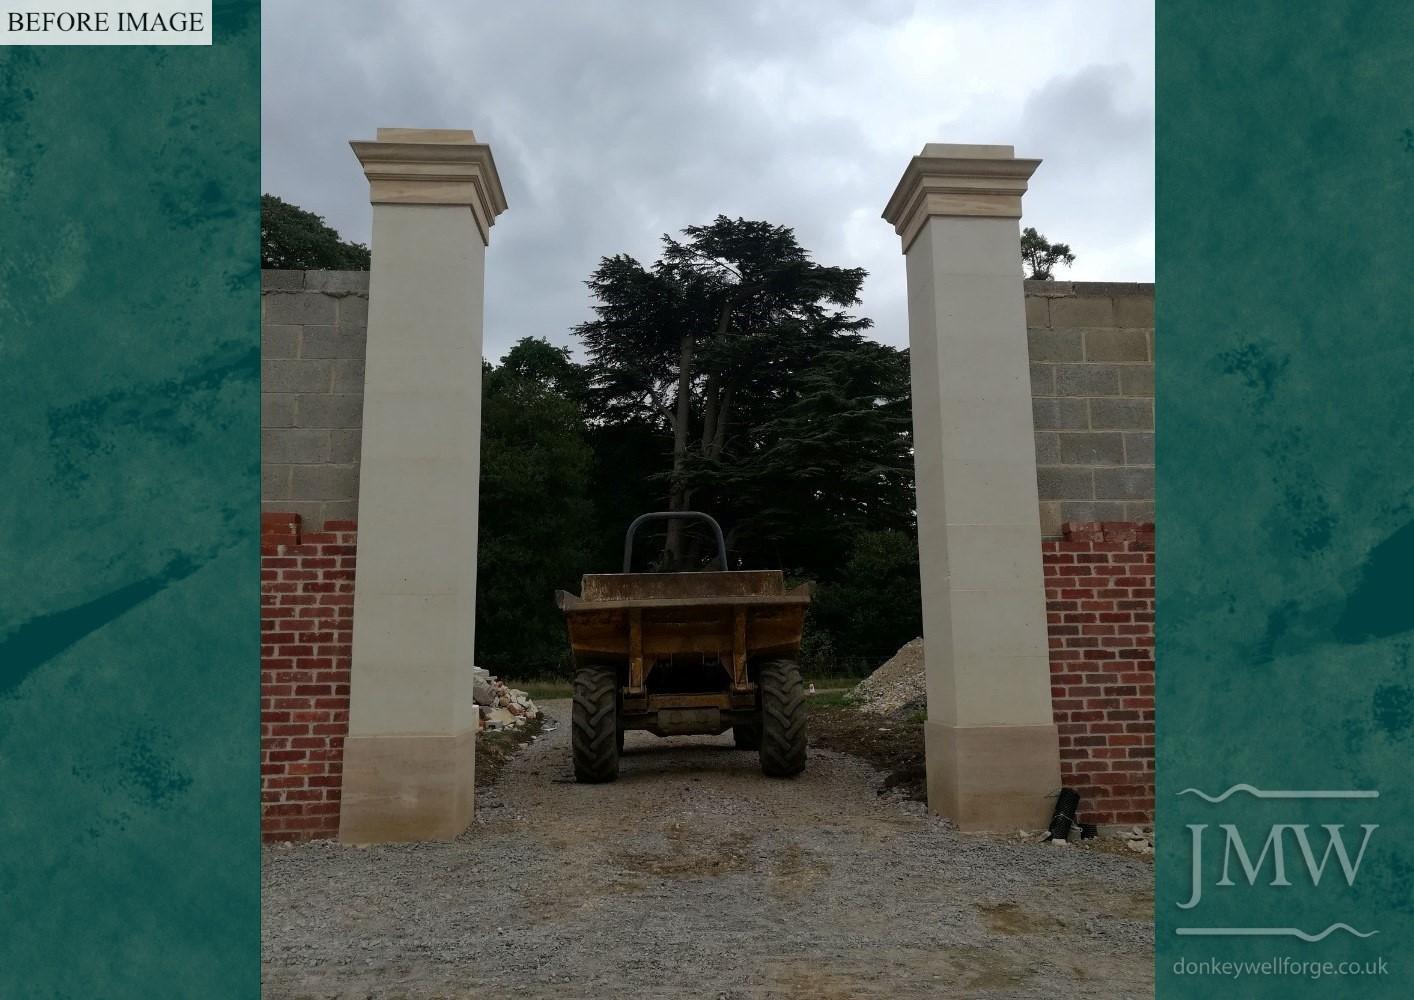 large-iron-estate-gates-before-image